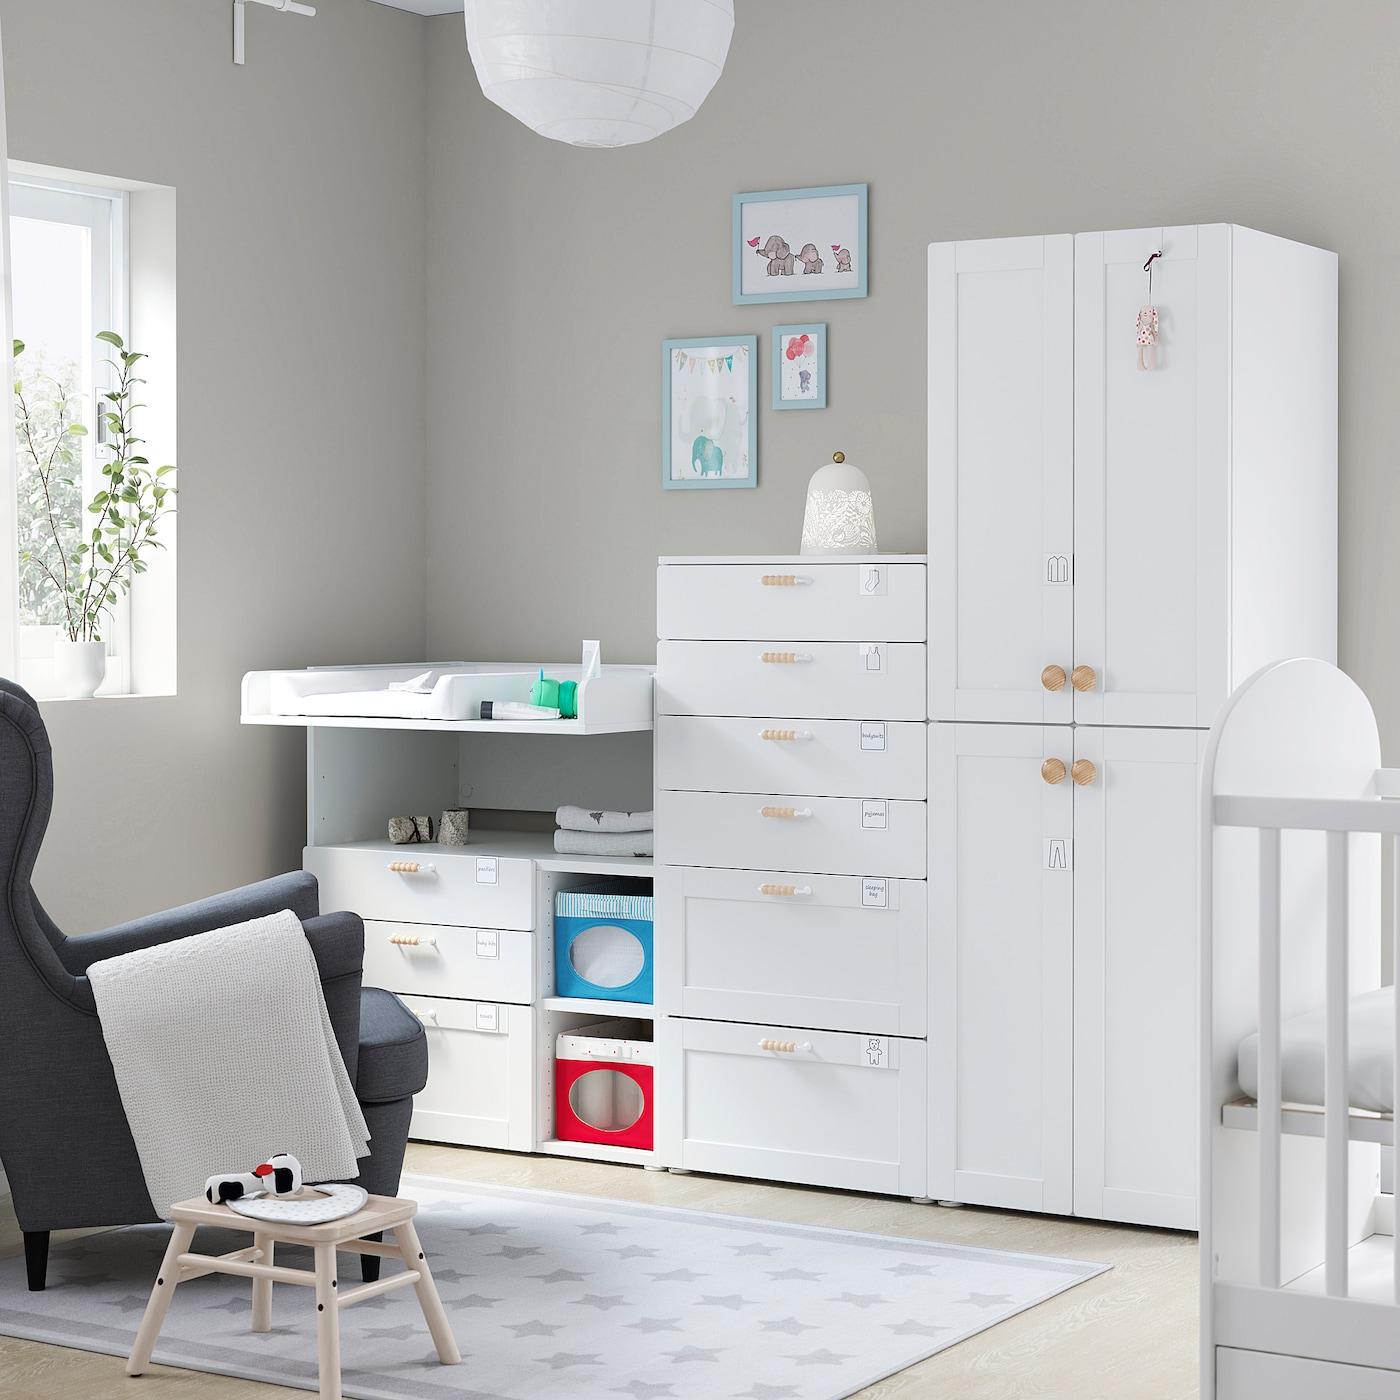 SMÅSTAD / PLATSA Aufbewahrungskombi, weiß mit Rahmen/mit Wickel, 210x79x180 cm